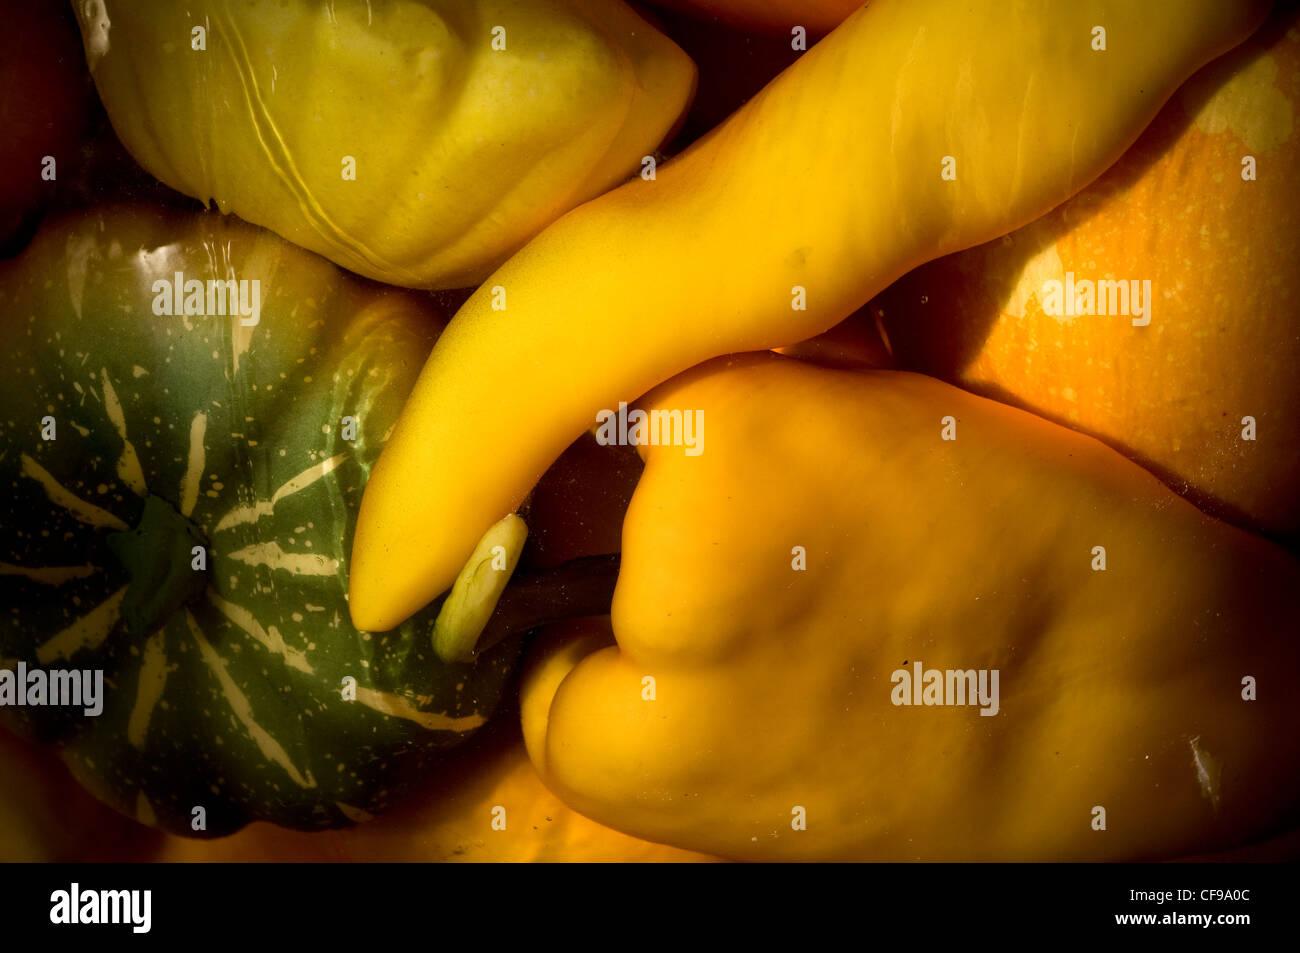 Il peperoncino e peperoni, antiossidante, bell, nero, calorie, pepe di Caienna, pollo, Cile, chili chili, colore, Immagini Stock